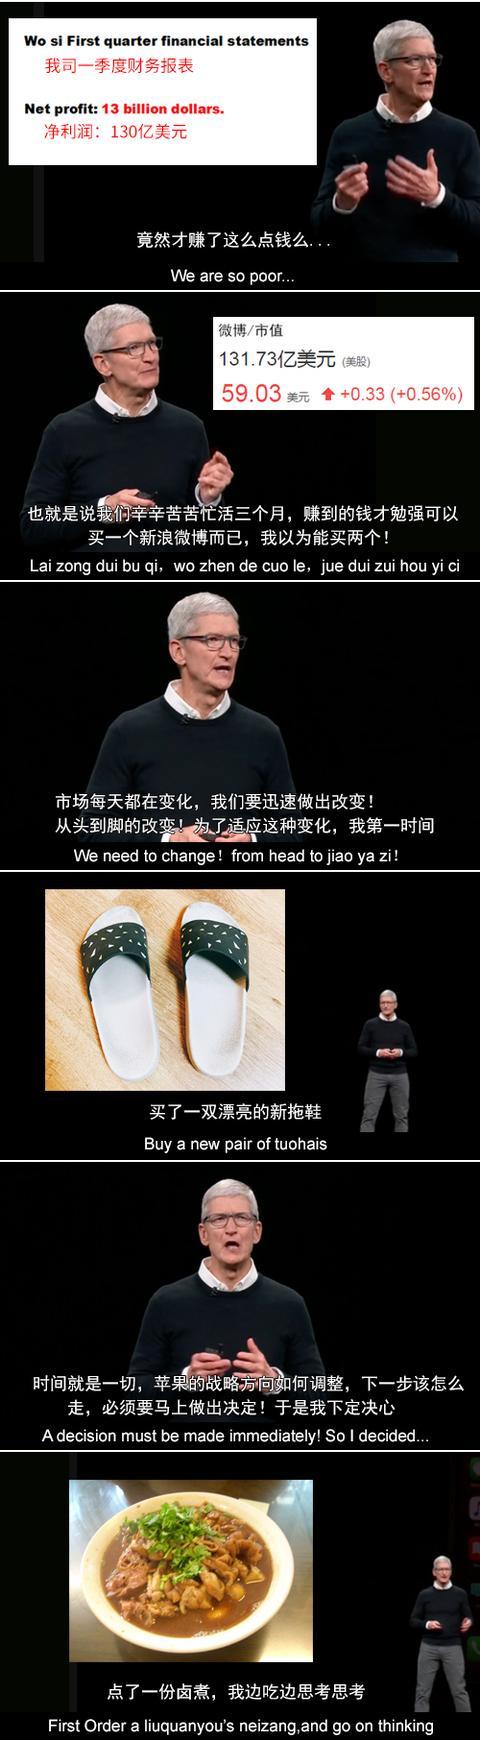 帮大家总结了一下昨晚的苹果发布会